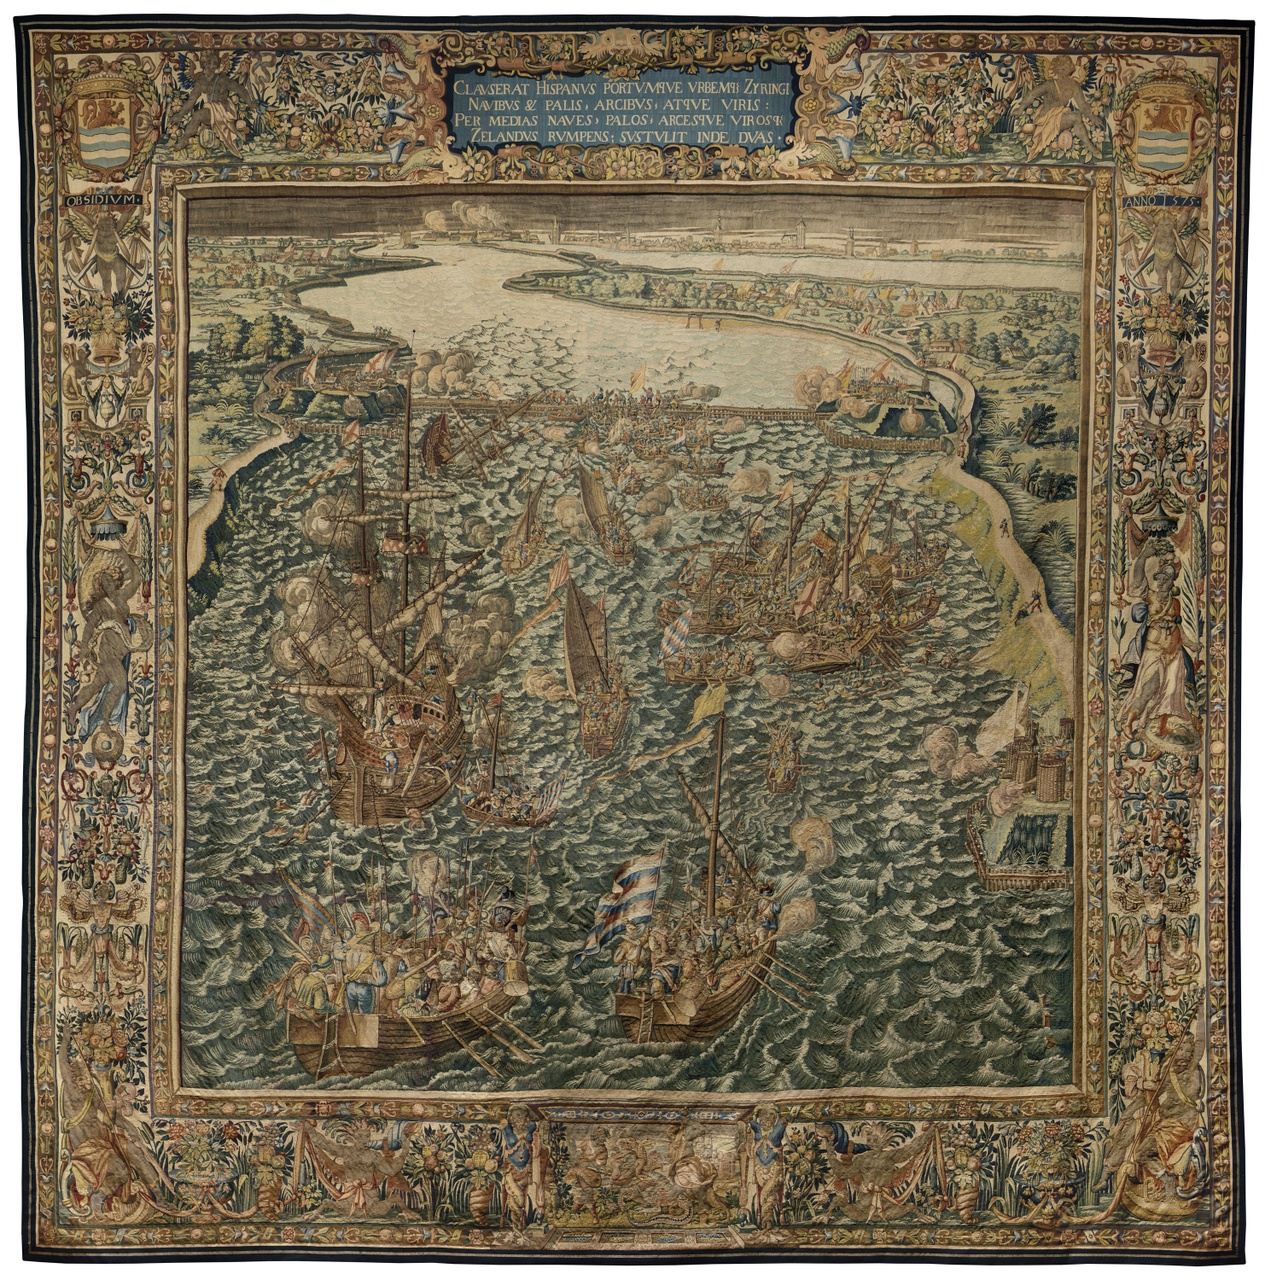 Wandtapijt Beleg van Zierikzee 11-13 april 1576